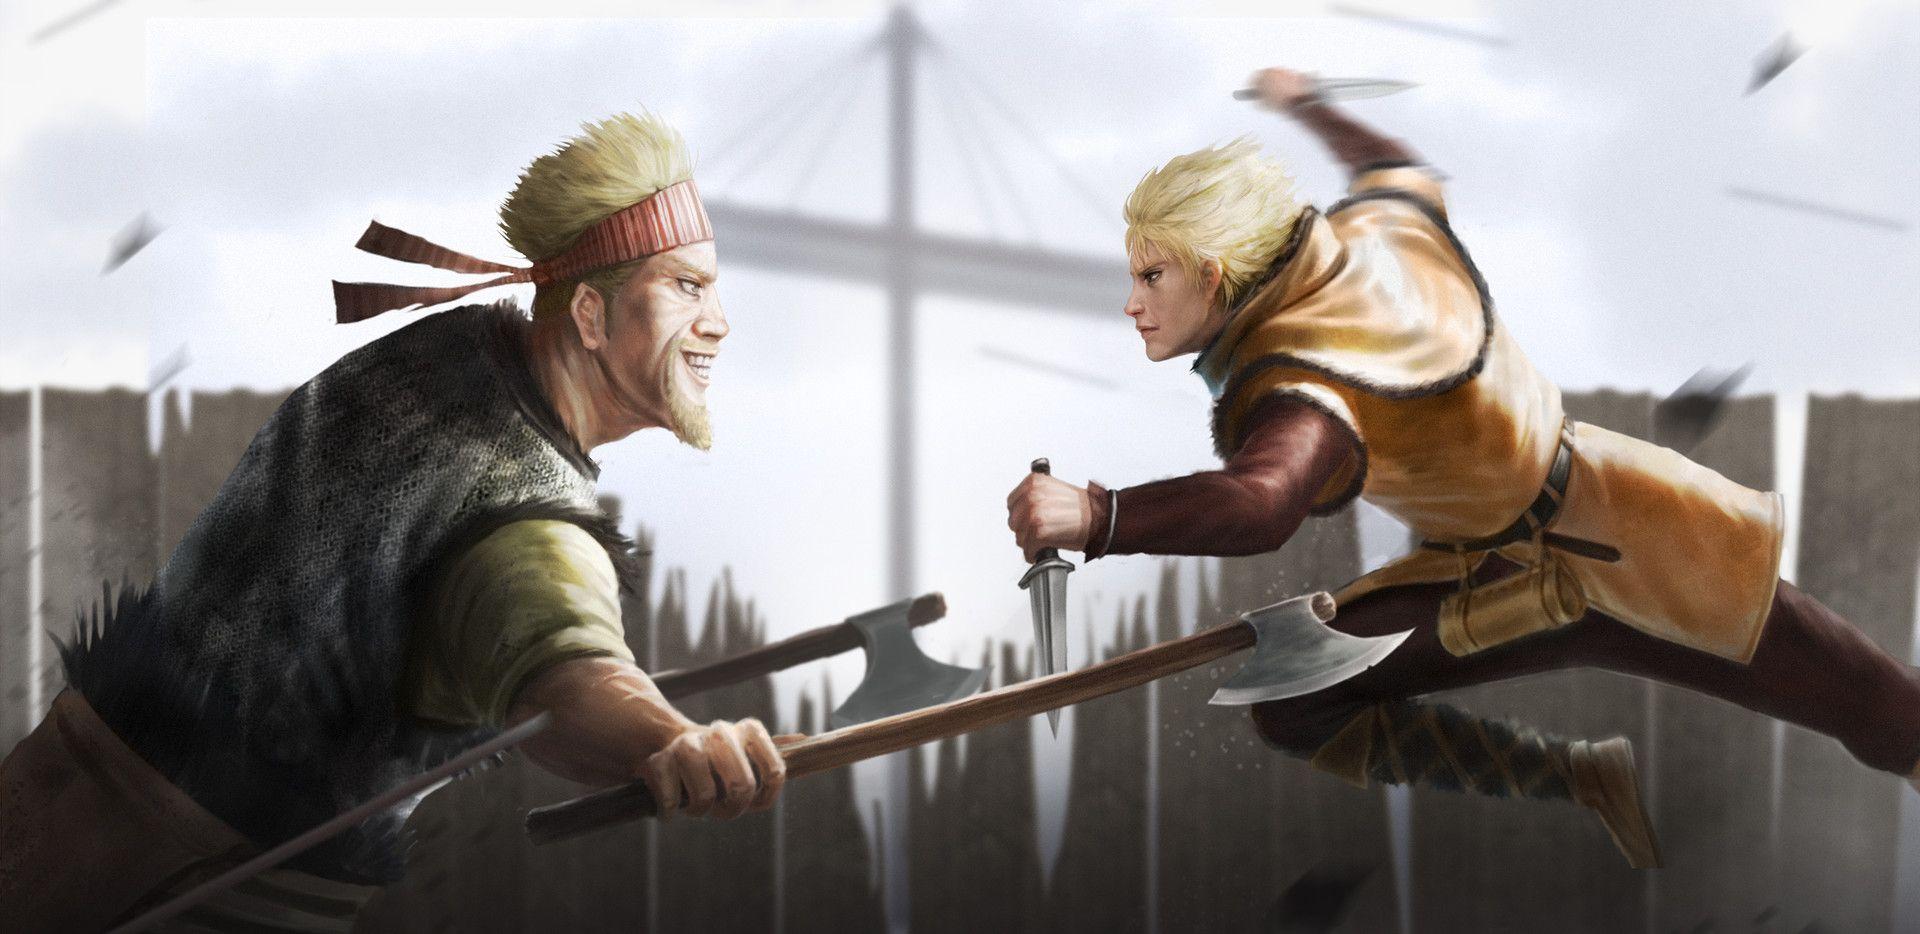 ArtStation Thorfinn & Thorkell, Marco Lopena Vikings